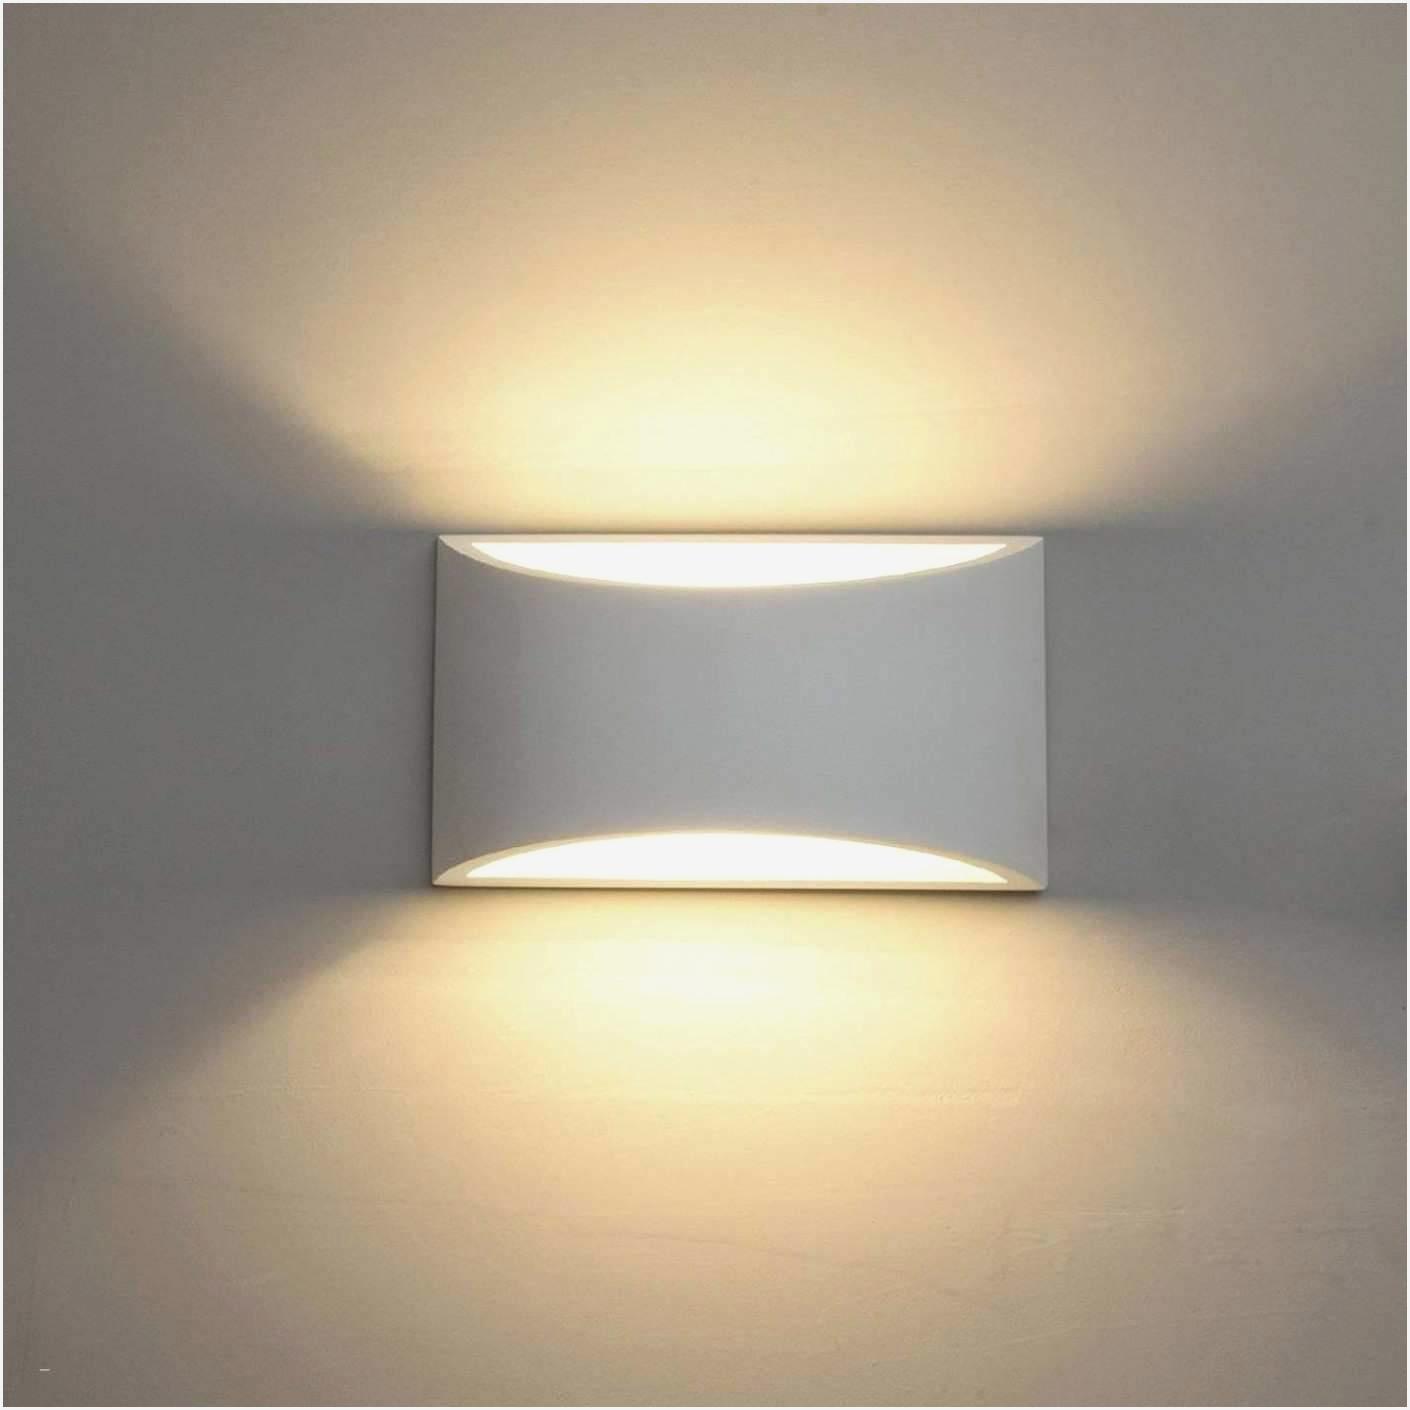 Full Size of Designer Lampen Wohnzimmer Deckenleuchte Gardinen Heizkörper Deckenlampe Sofa Kleines Fototapeten Rollo Deckenlampen Liege Wohnzimmer Designer Lampen Wohnzimmer